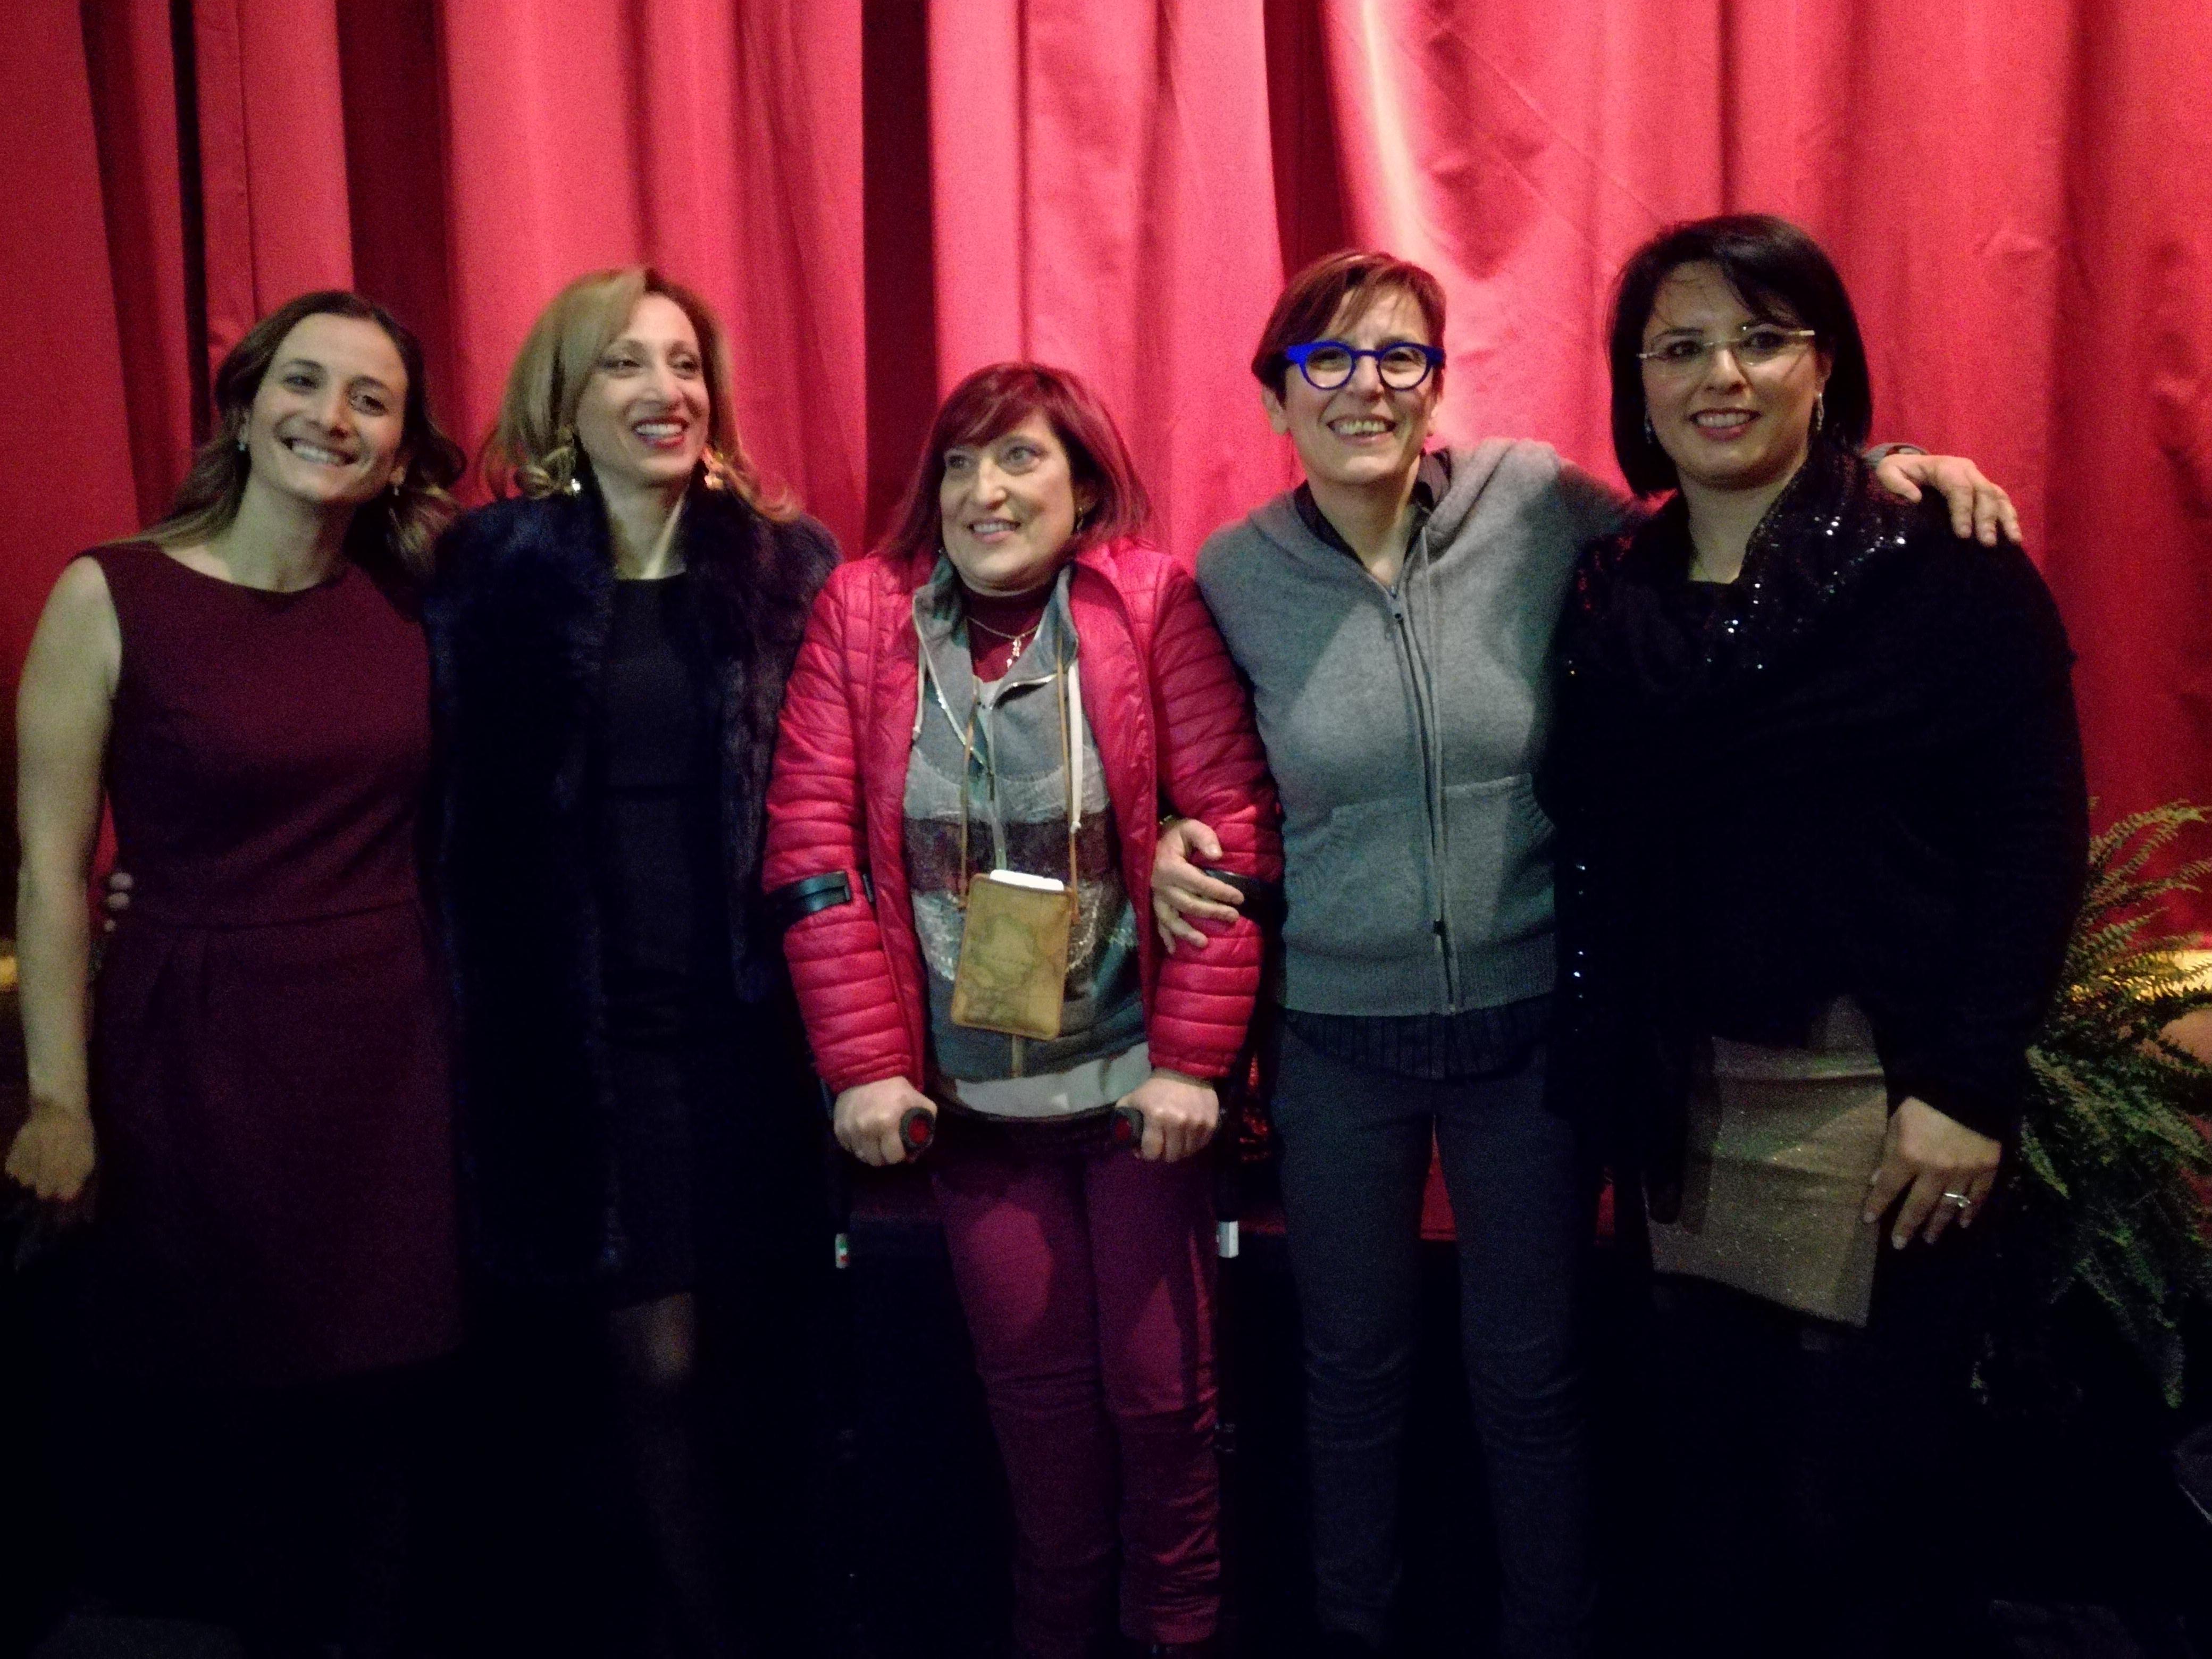 Battipaglia-festa della donna-premiazione-Daniela Palma-Anna Bruno-Cecilia Francese-Elisa Vitolo